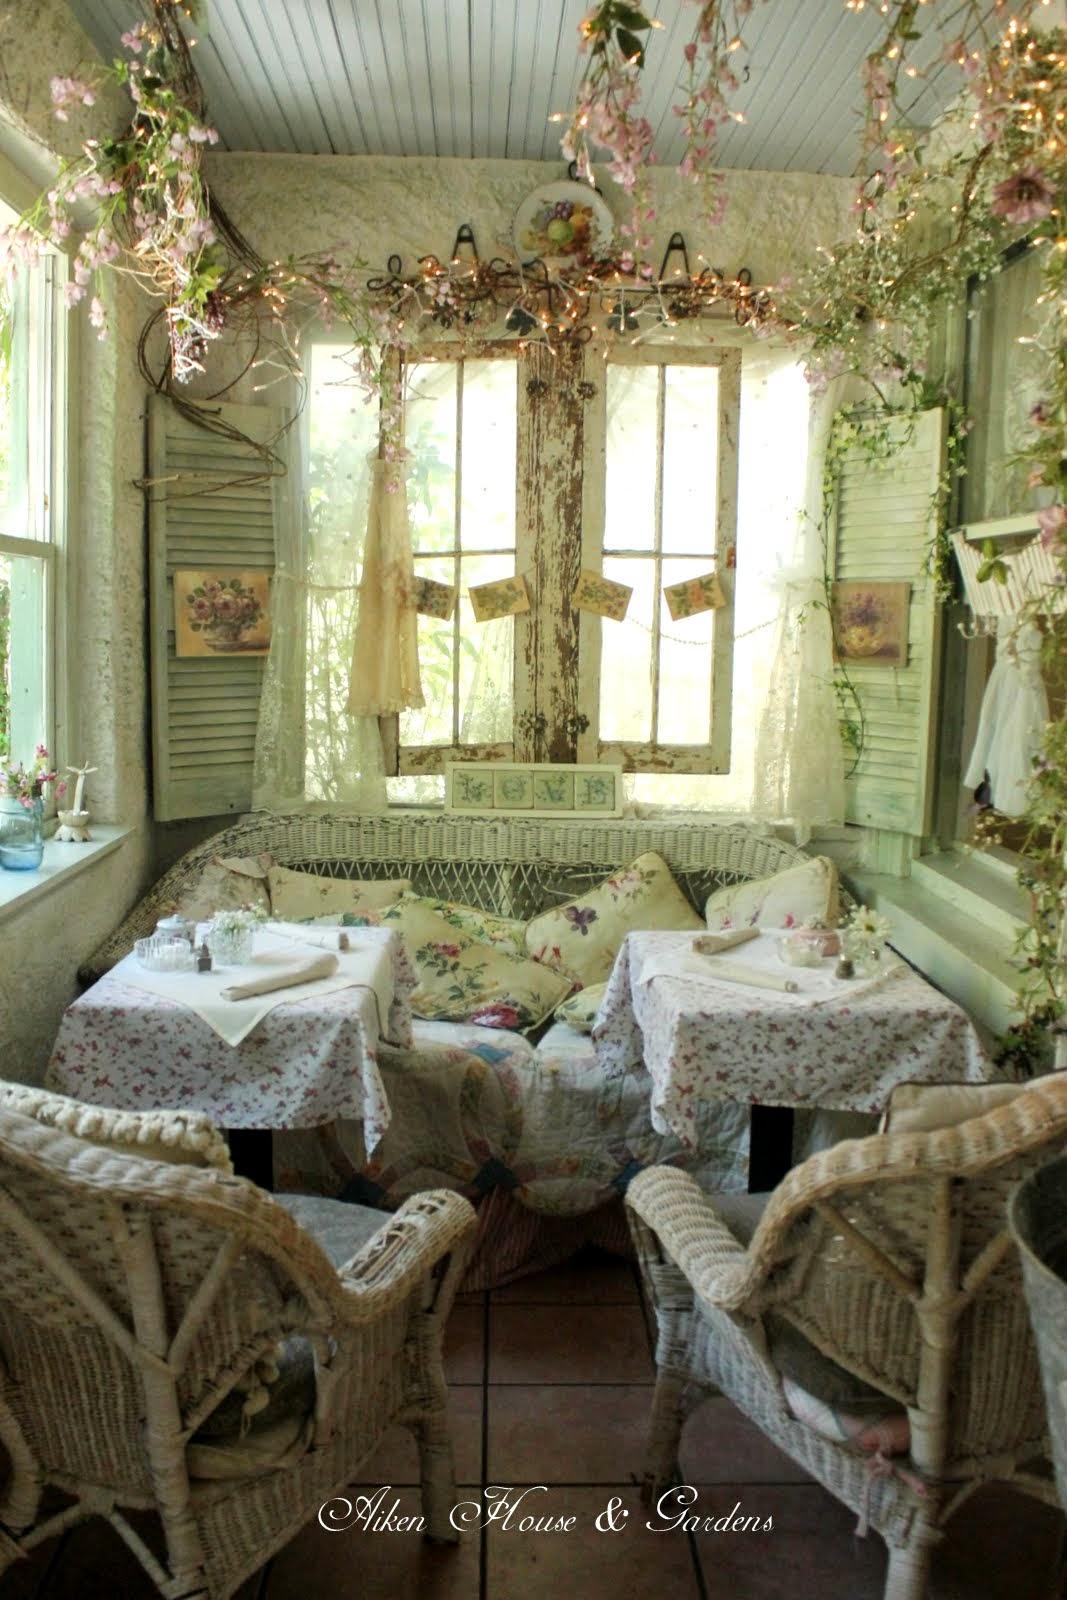 Aiken House & Gardens: April 2014